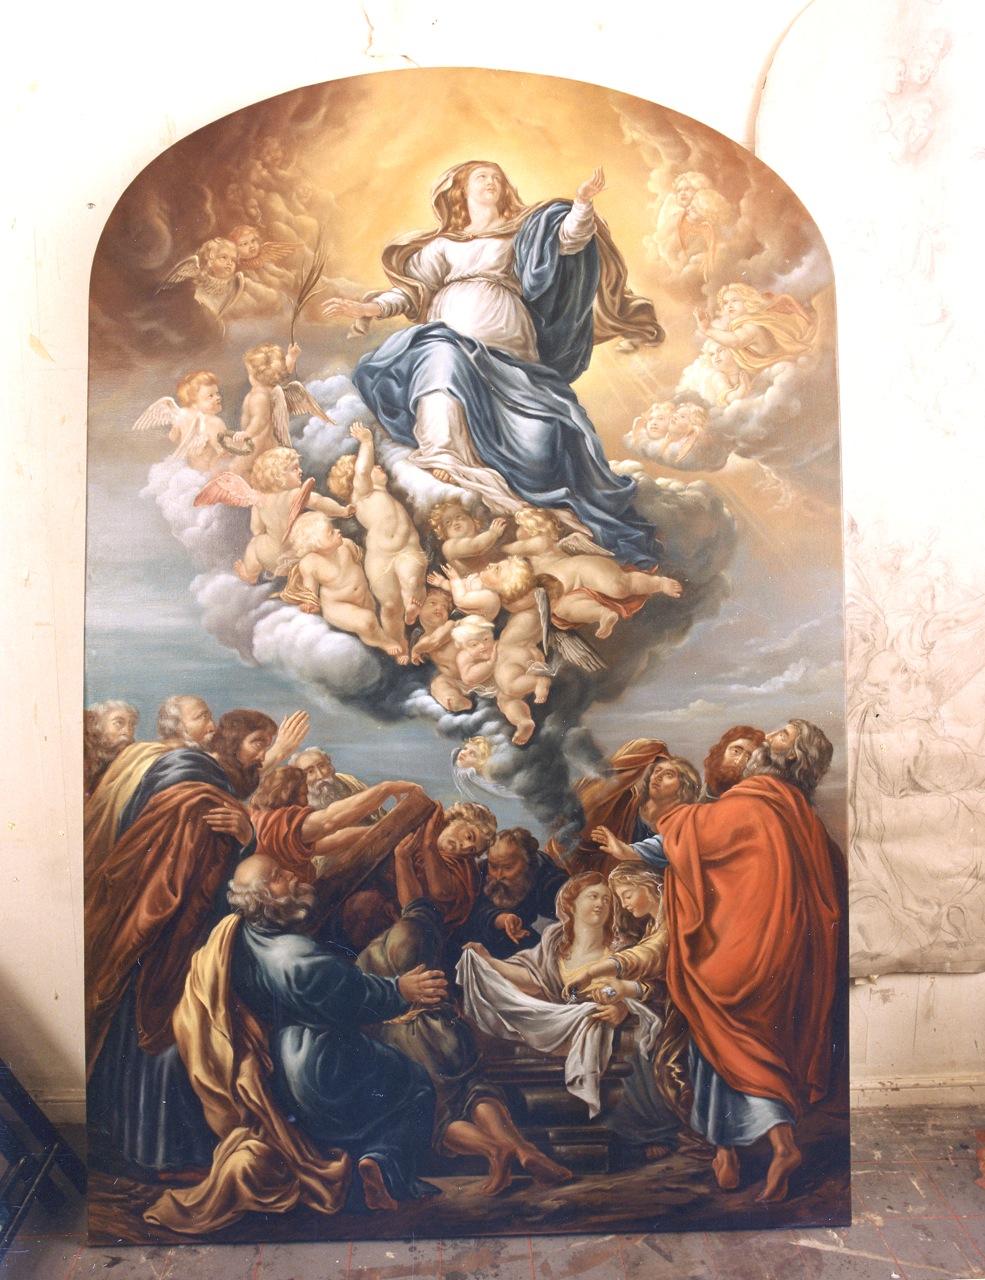 altarbild-rubens-1995.jpg